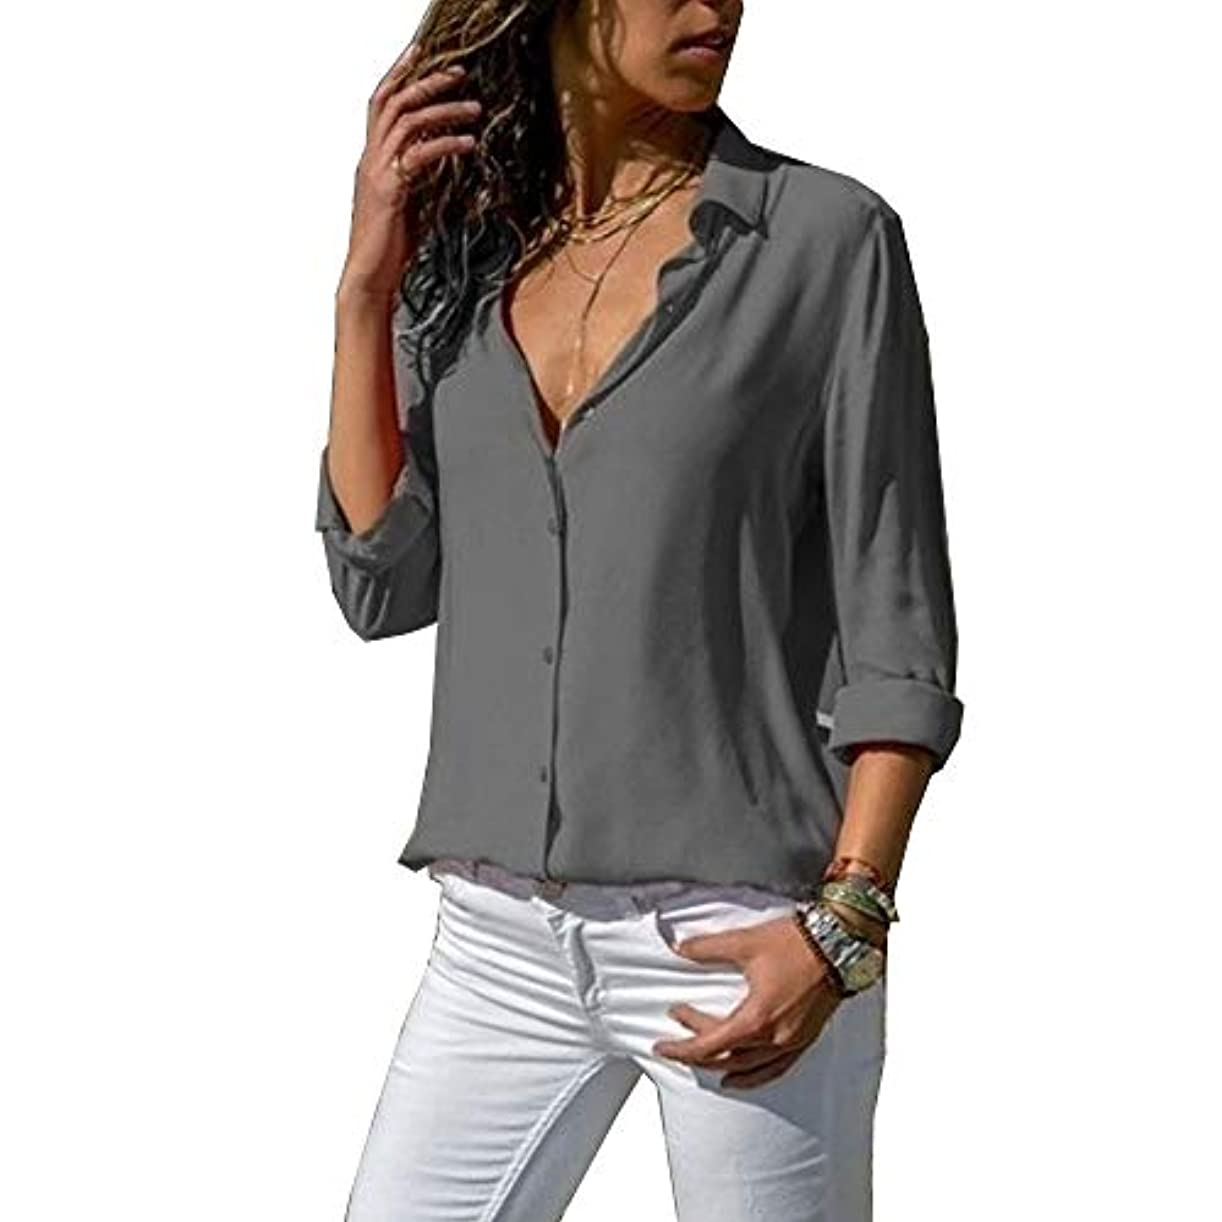 なにせせらぎソビエトMIFAN ルーズシャツ、トップス&Tシャツ、プラスサイズ、トップス&ブラウス、シフォンブラウス、女性トップス、シフォンシャツ